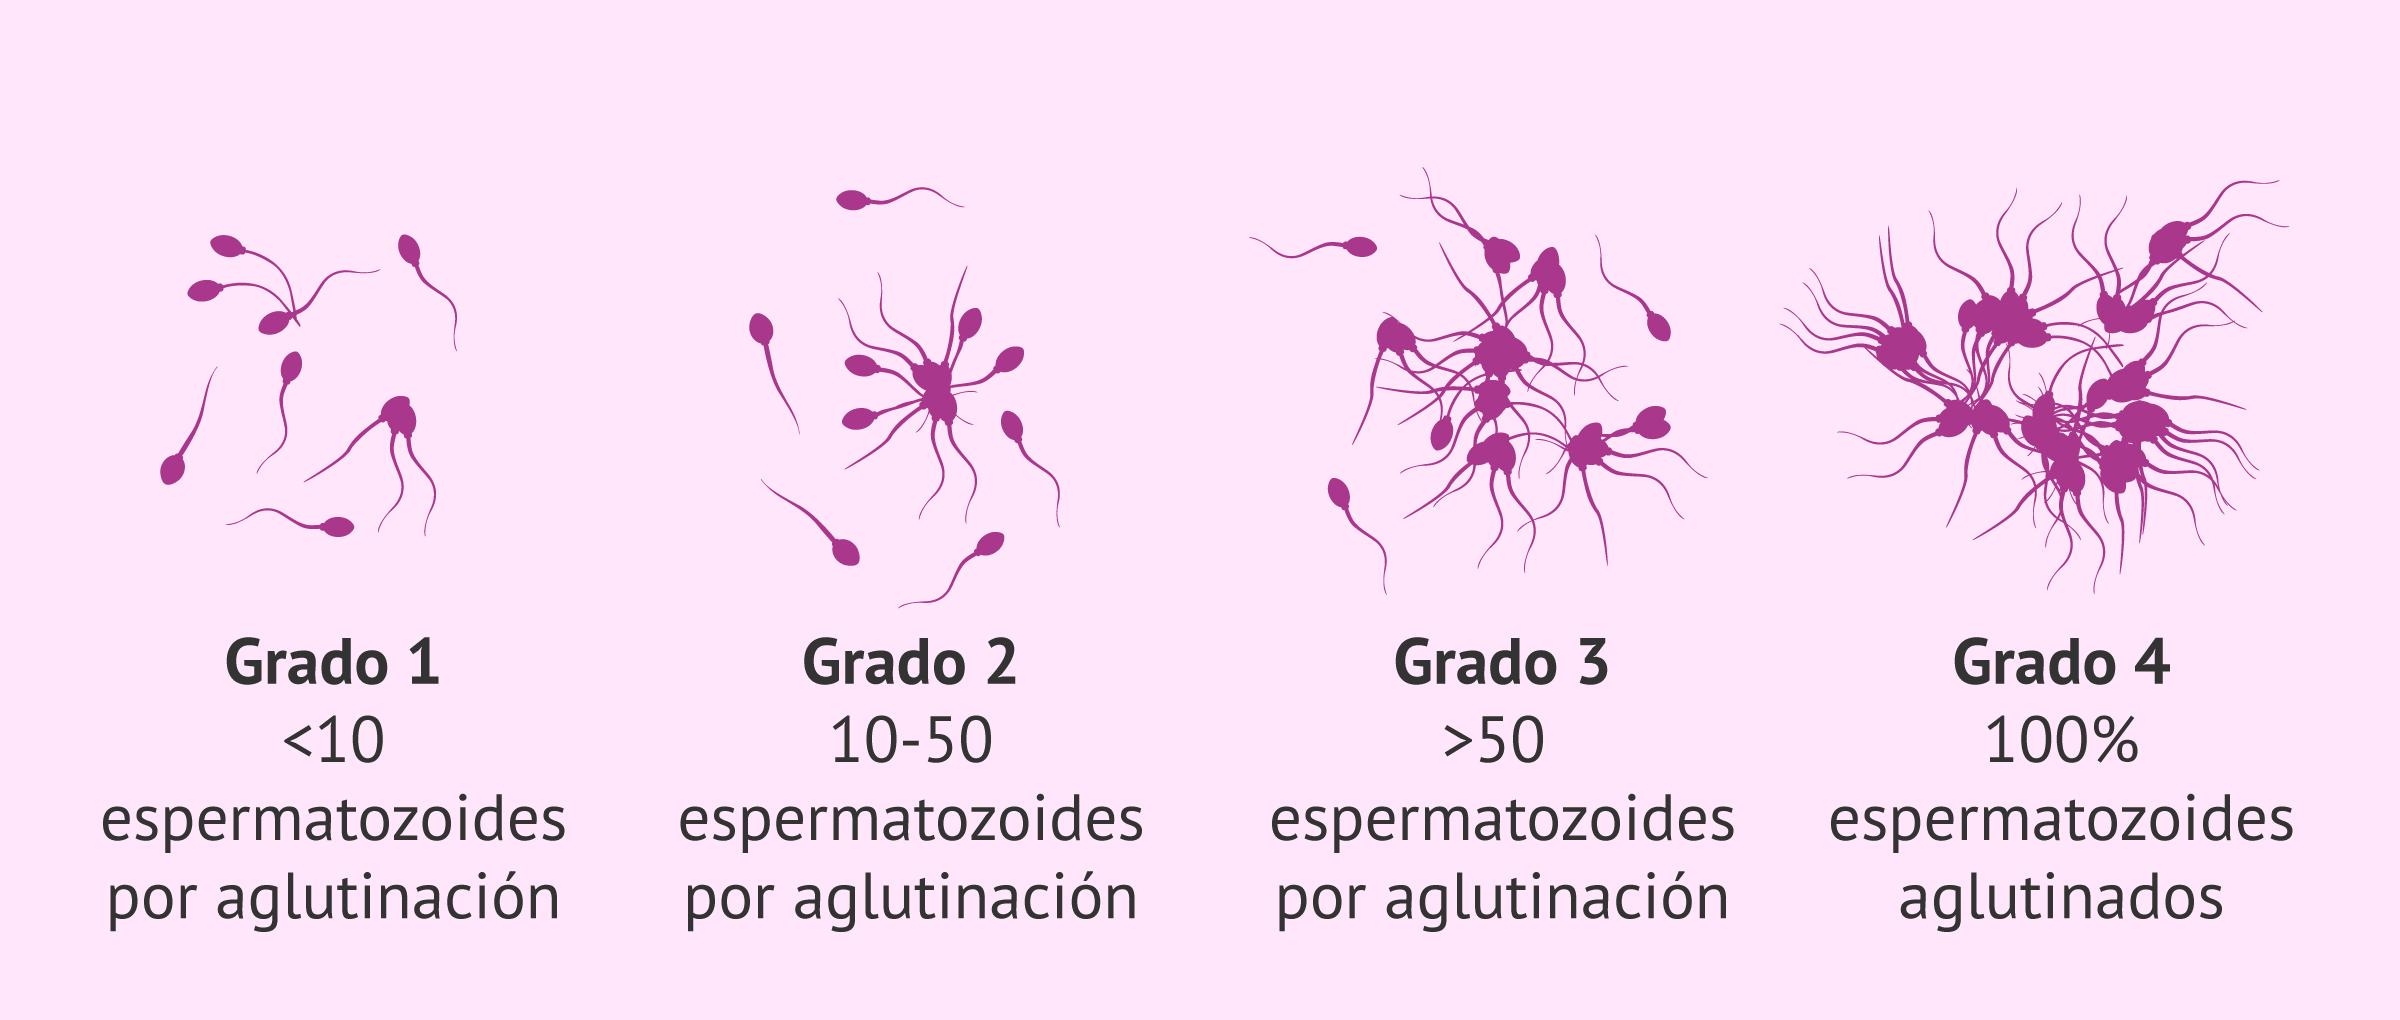 Diferentes grados de aglutinación de los espermatozoides